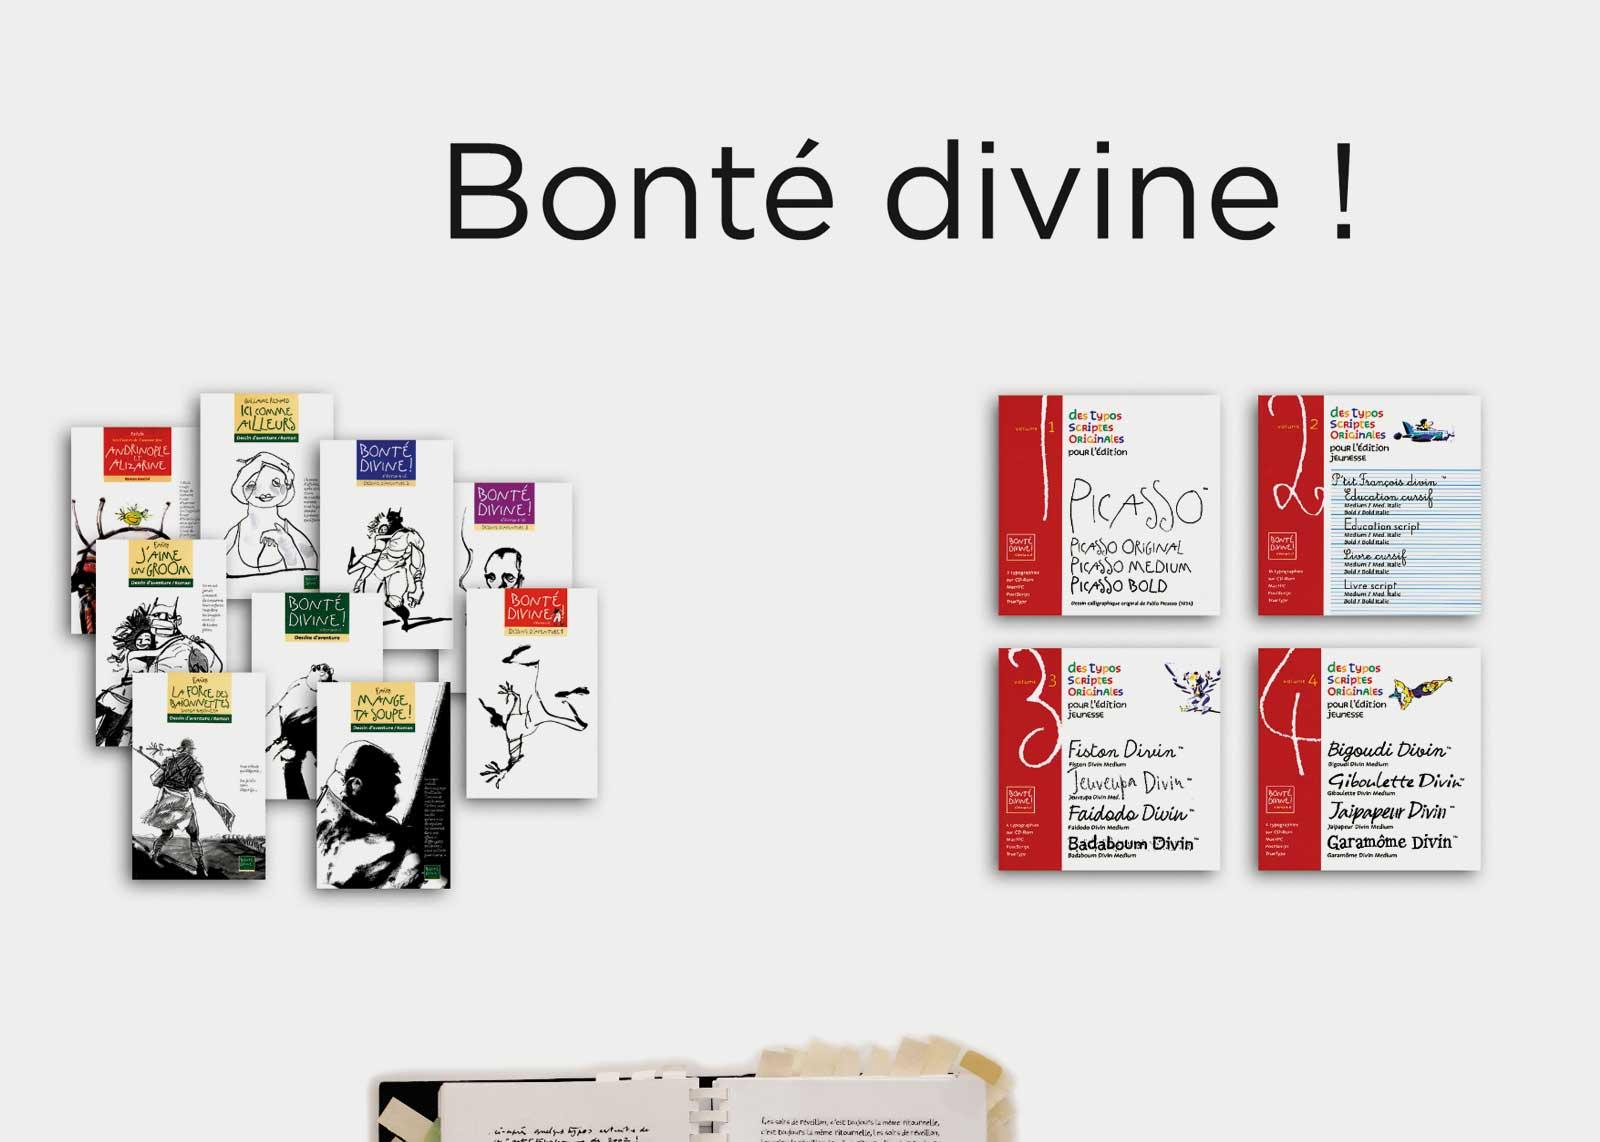 Carnets intimes — Présentation de livres et catalogues typographiques, réalisés au sein de la maison d'édition « Bonté divine ! » (1996).